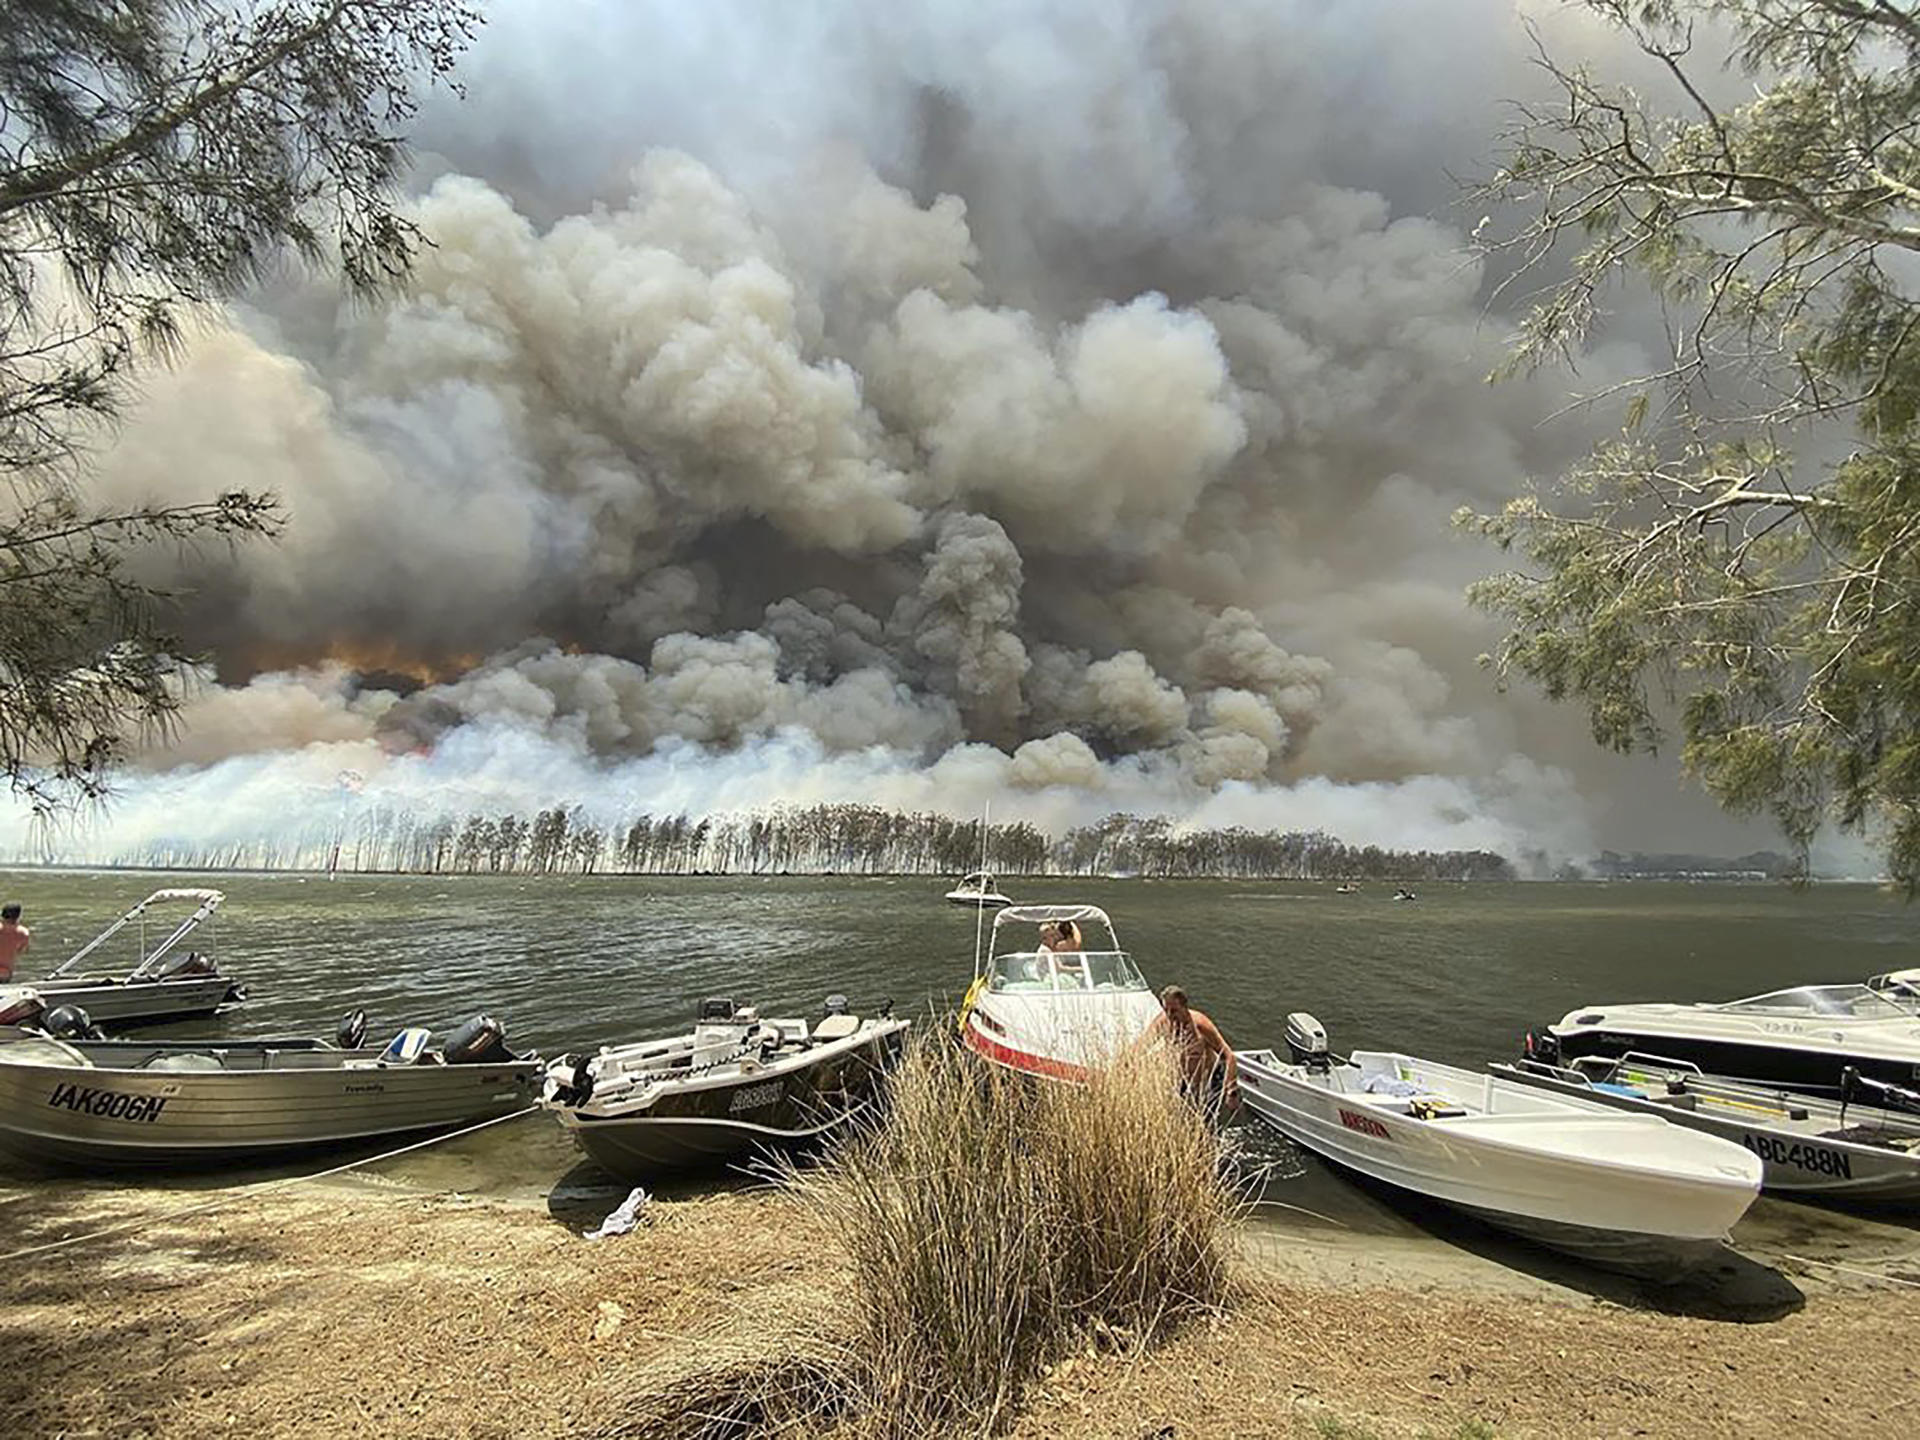 Des bateaux sont amarrés alors que les incendies de forêt font rage derrière le lac Conjola, Australie, le jeudi 2 janvier.